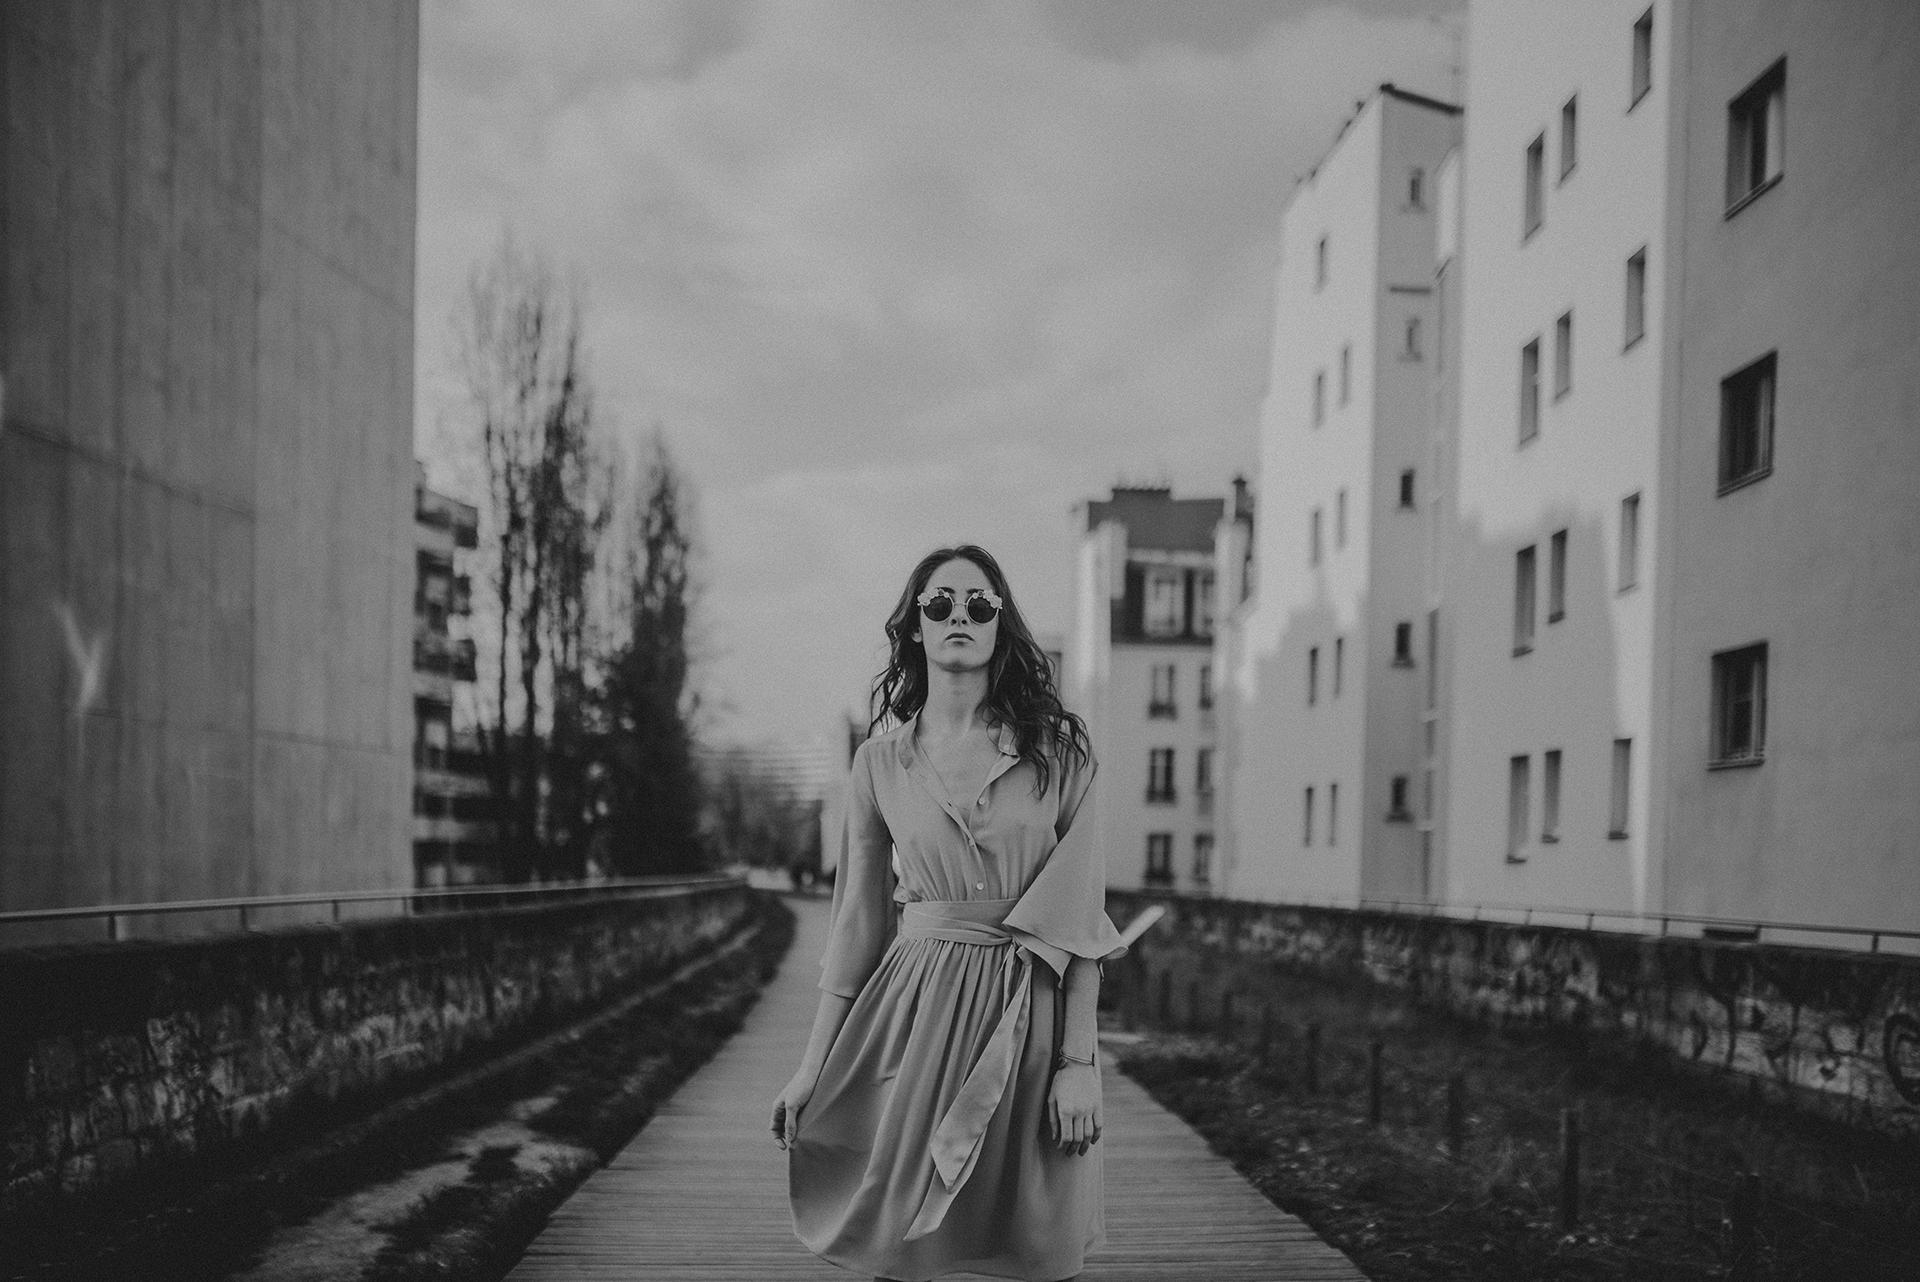 ©les_histoires_d_a_laetitia_pavoine_melodie_boitard©les_histoires_d_a_laetitia_pavoine_melodie_boitard